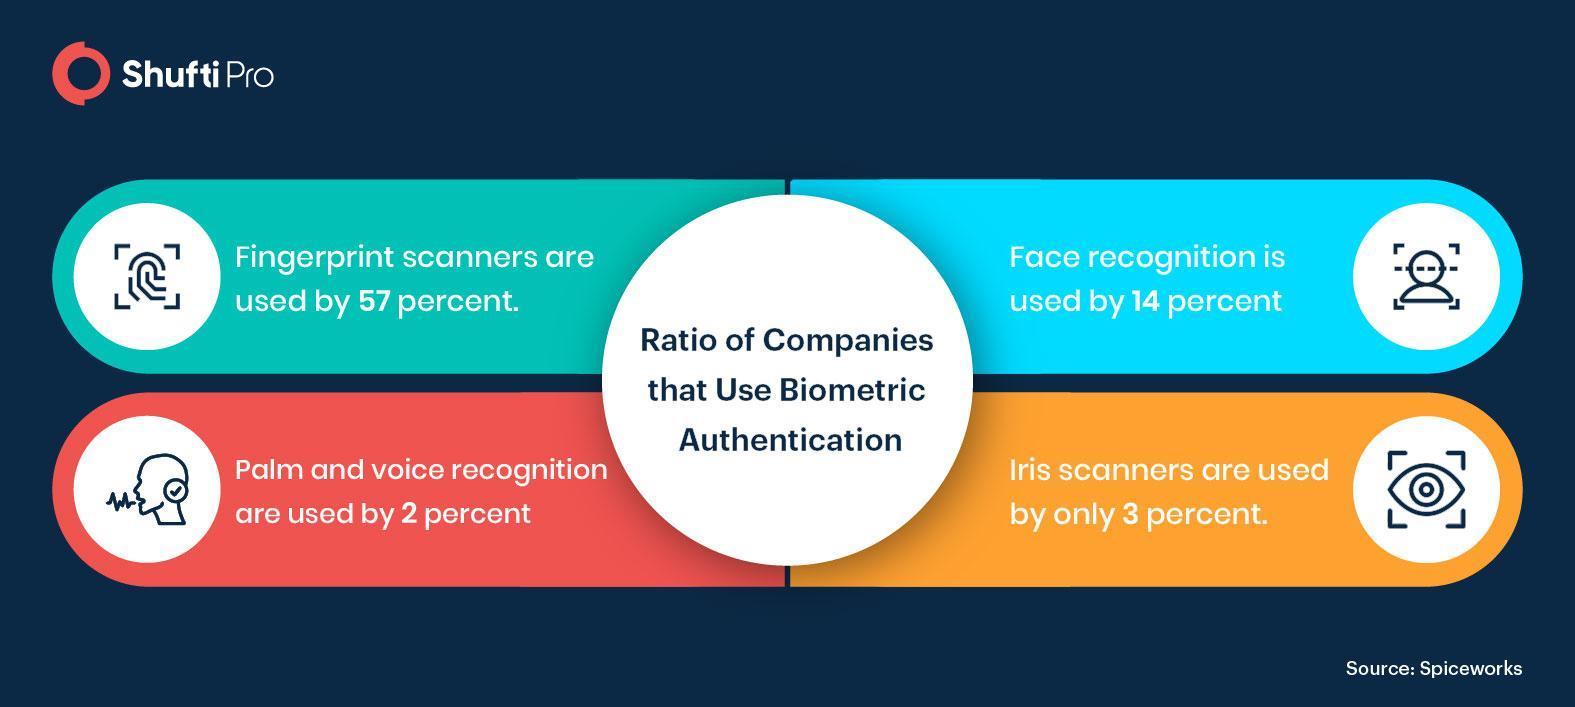 rule of companies